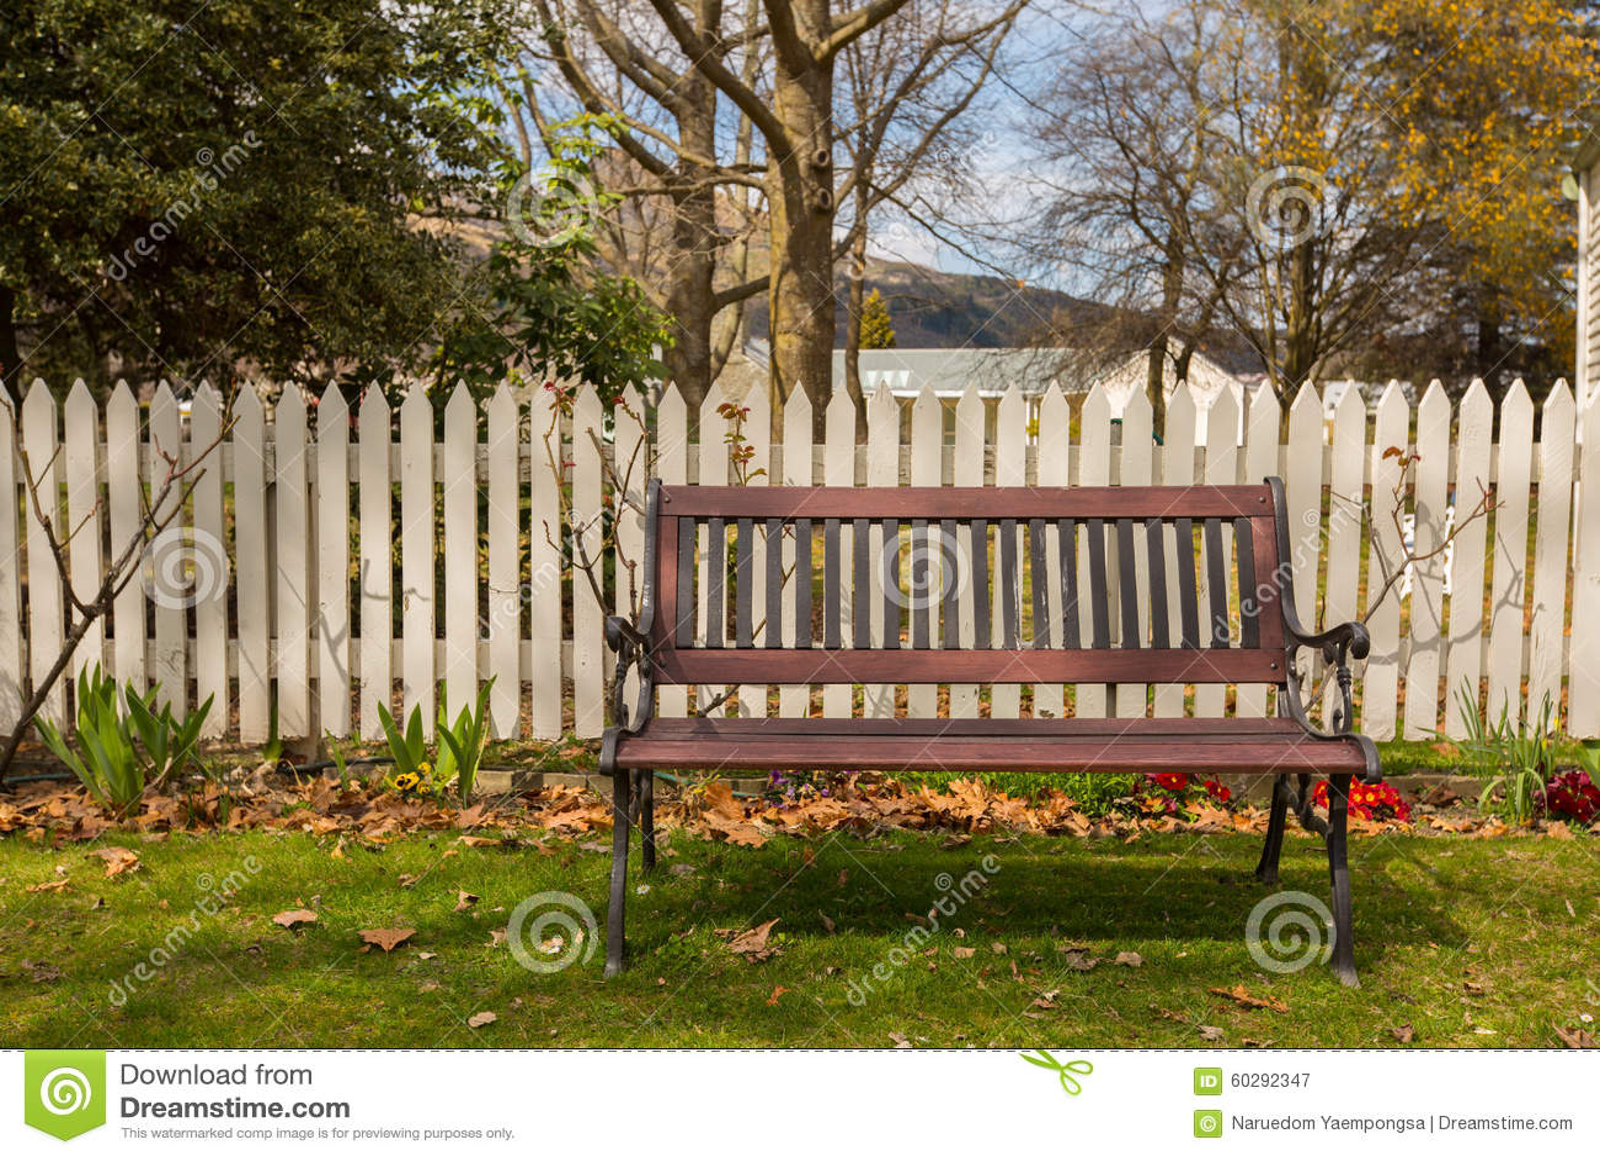 cerca para jardim branca : cerca para jardim branca:Banco De Madeira No Jardim Foto de Stock – Imagem: 60292347